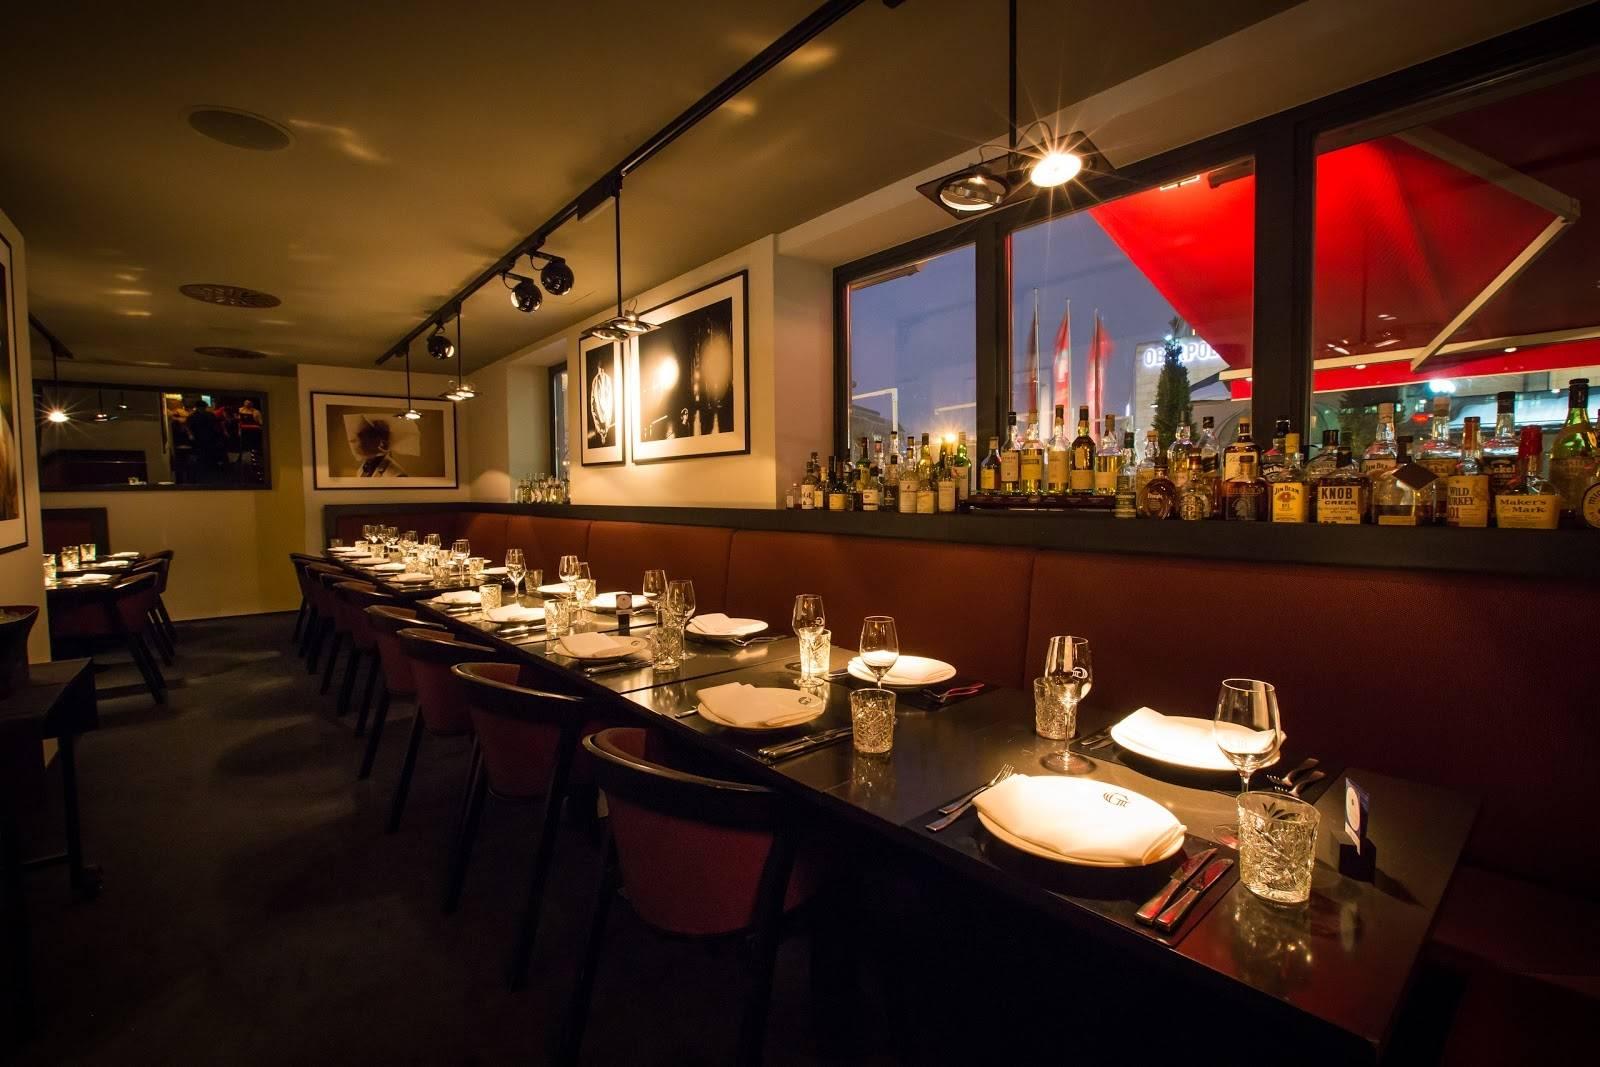 Гурманам: рестораны и кафе мюнхена. aутентичные блюда и деликатесы, куда сходить поужинать